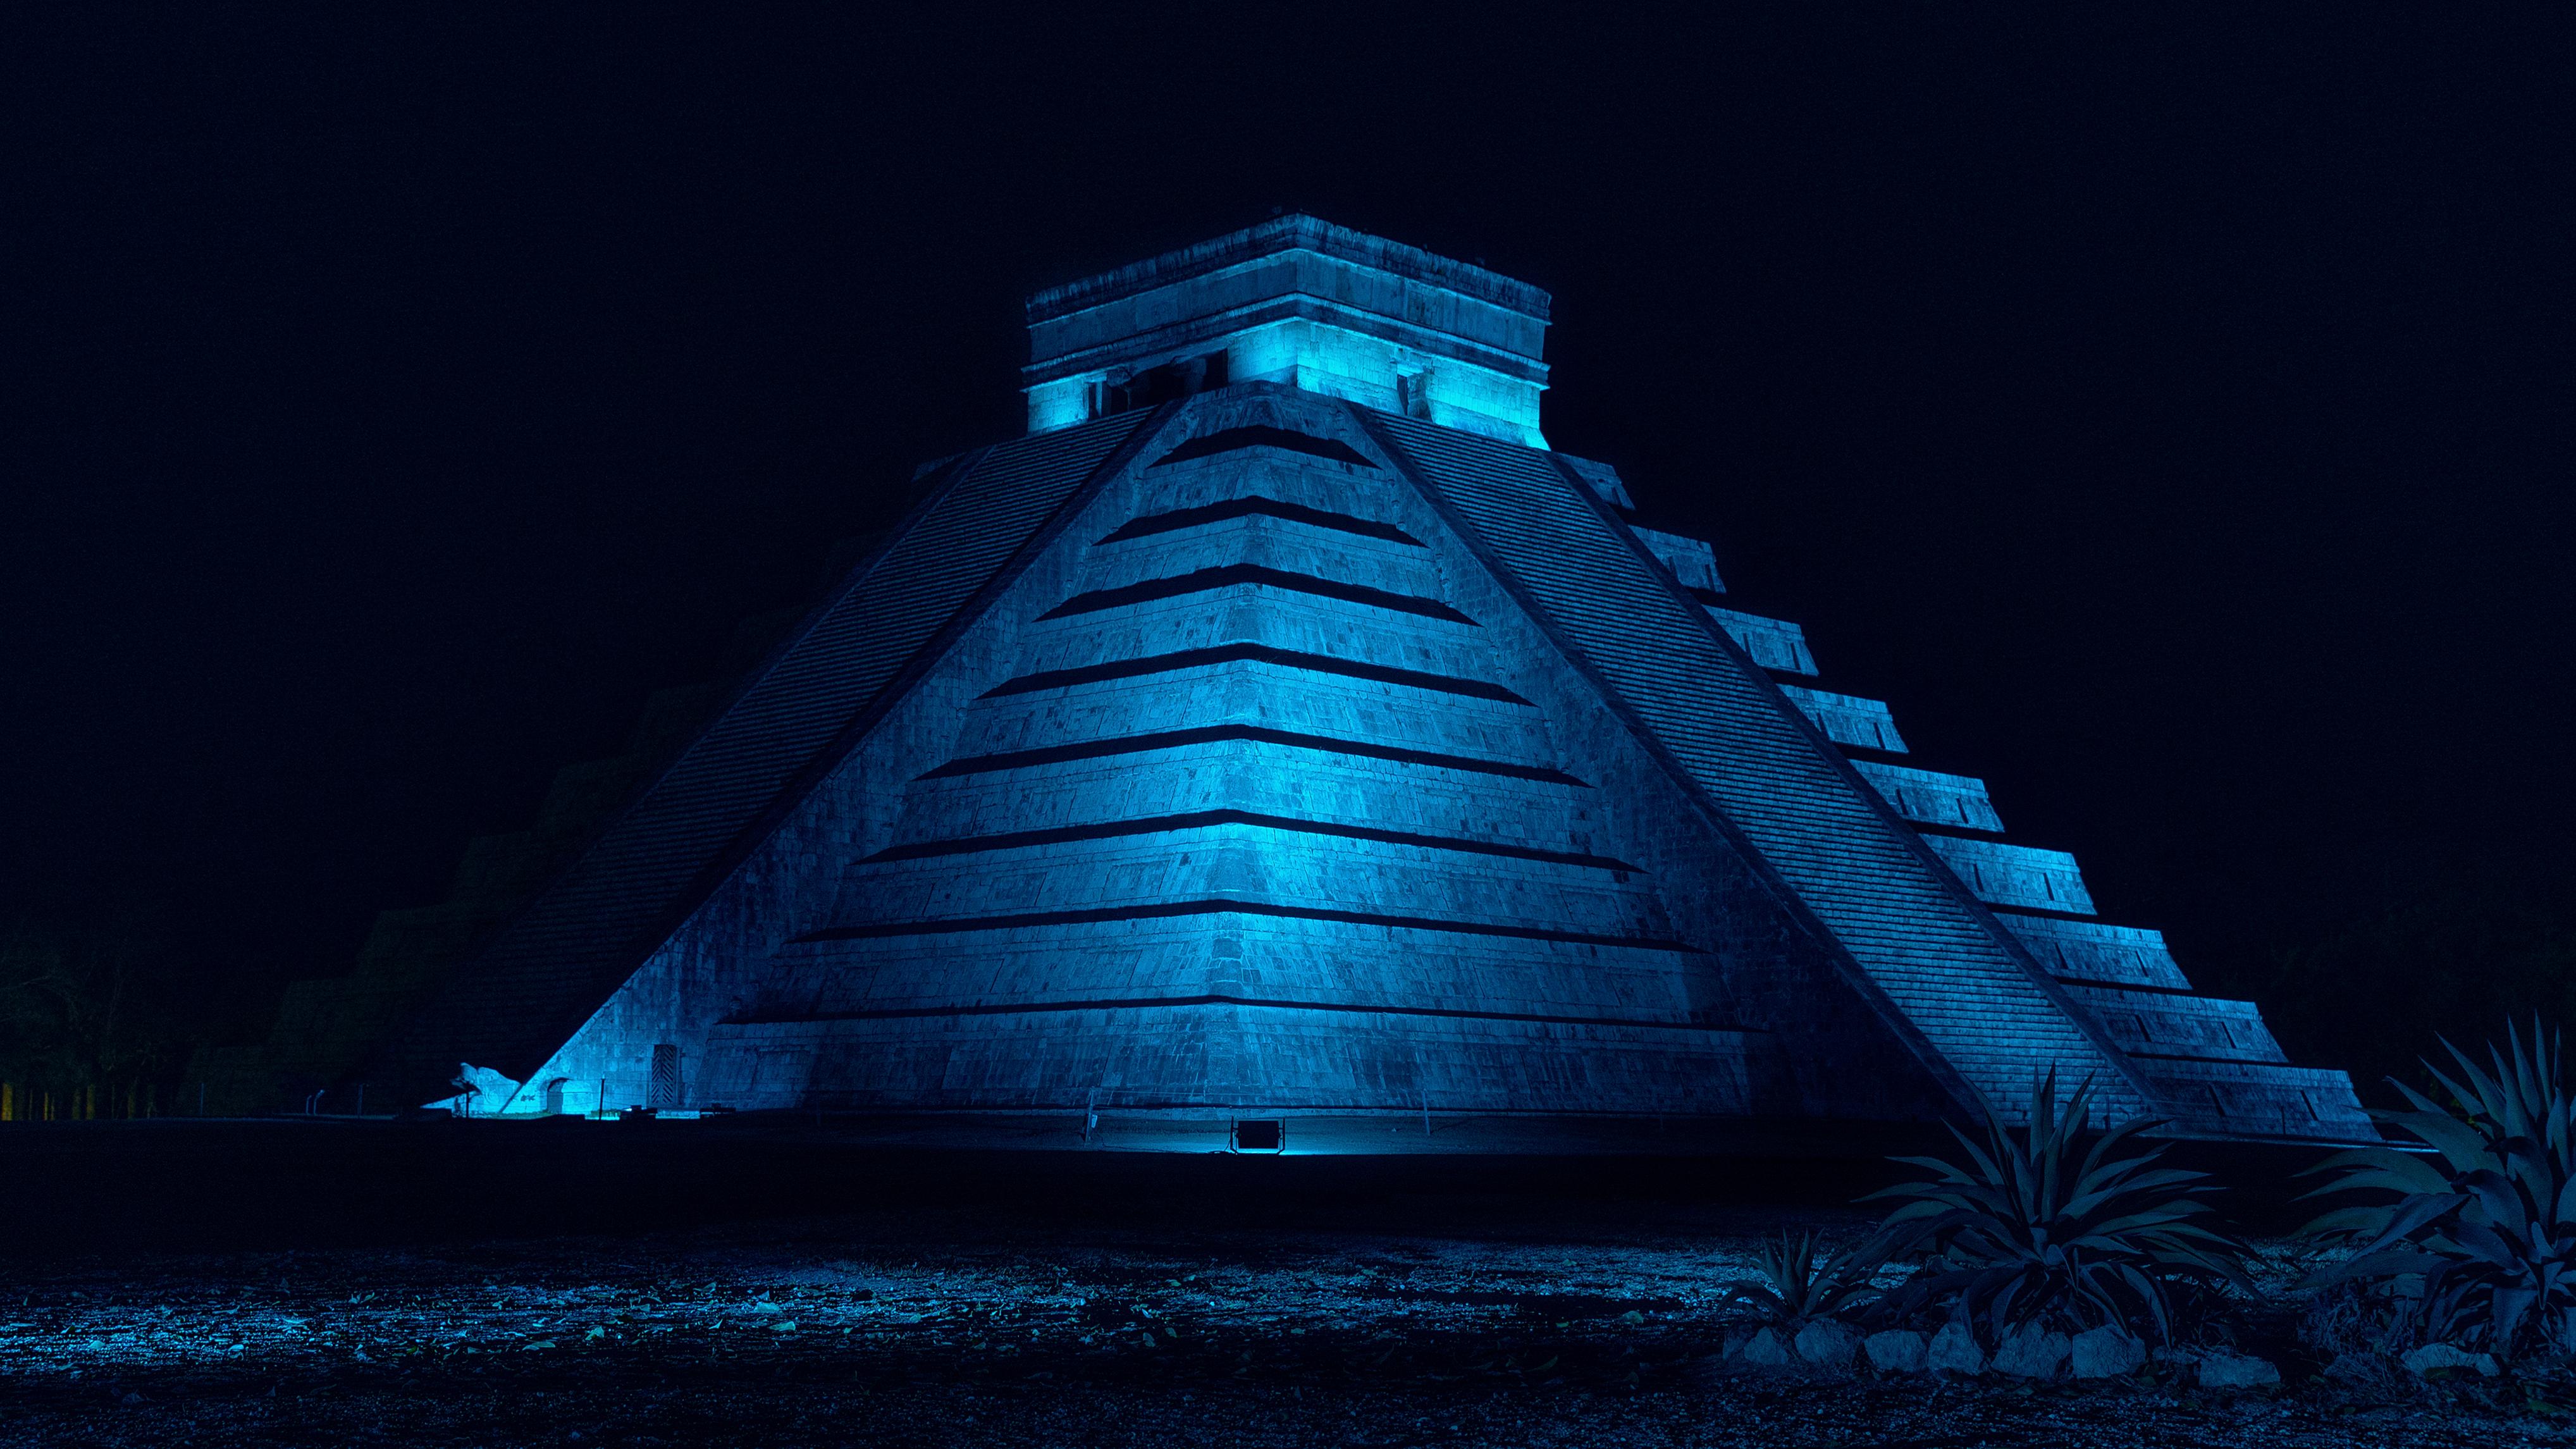 México chichen-itza